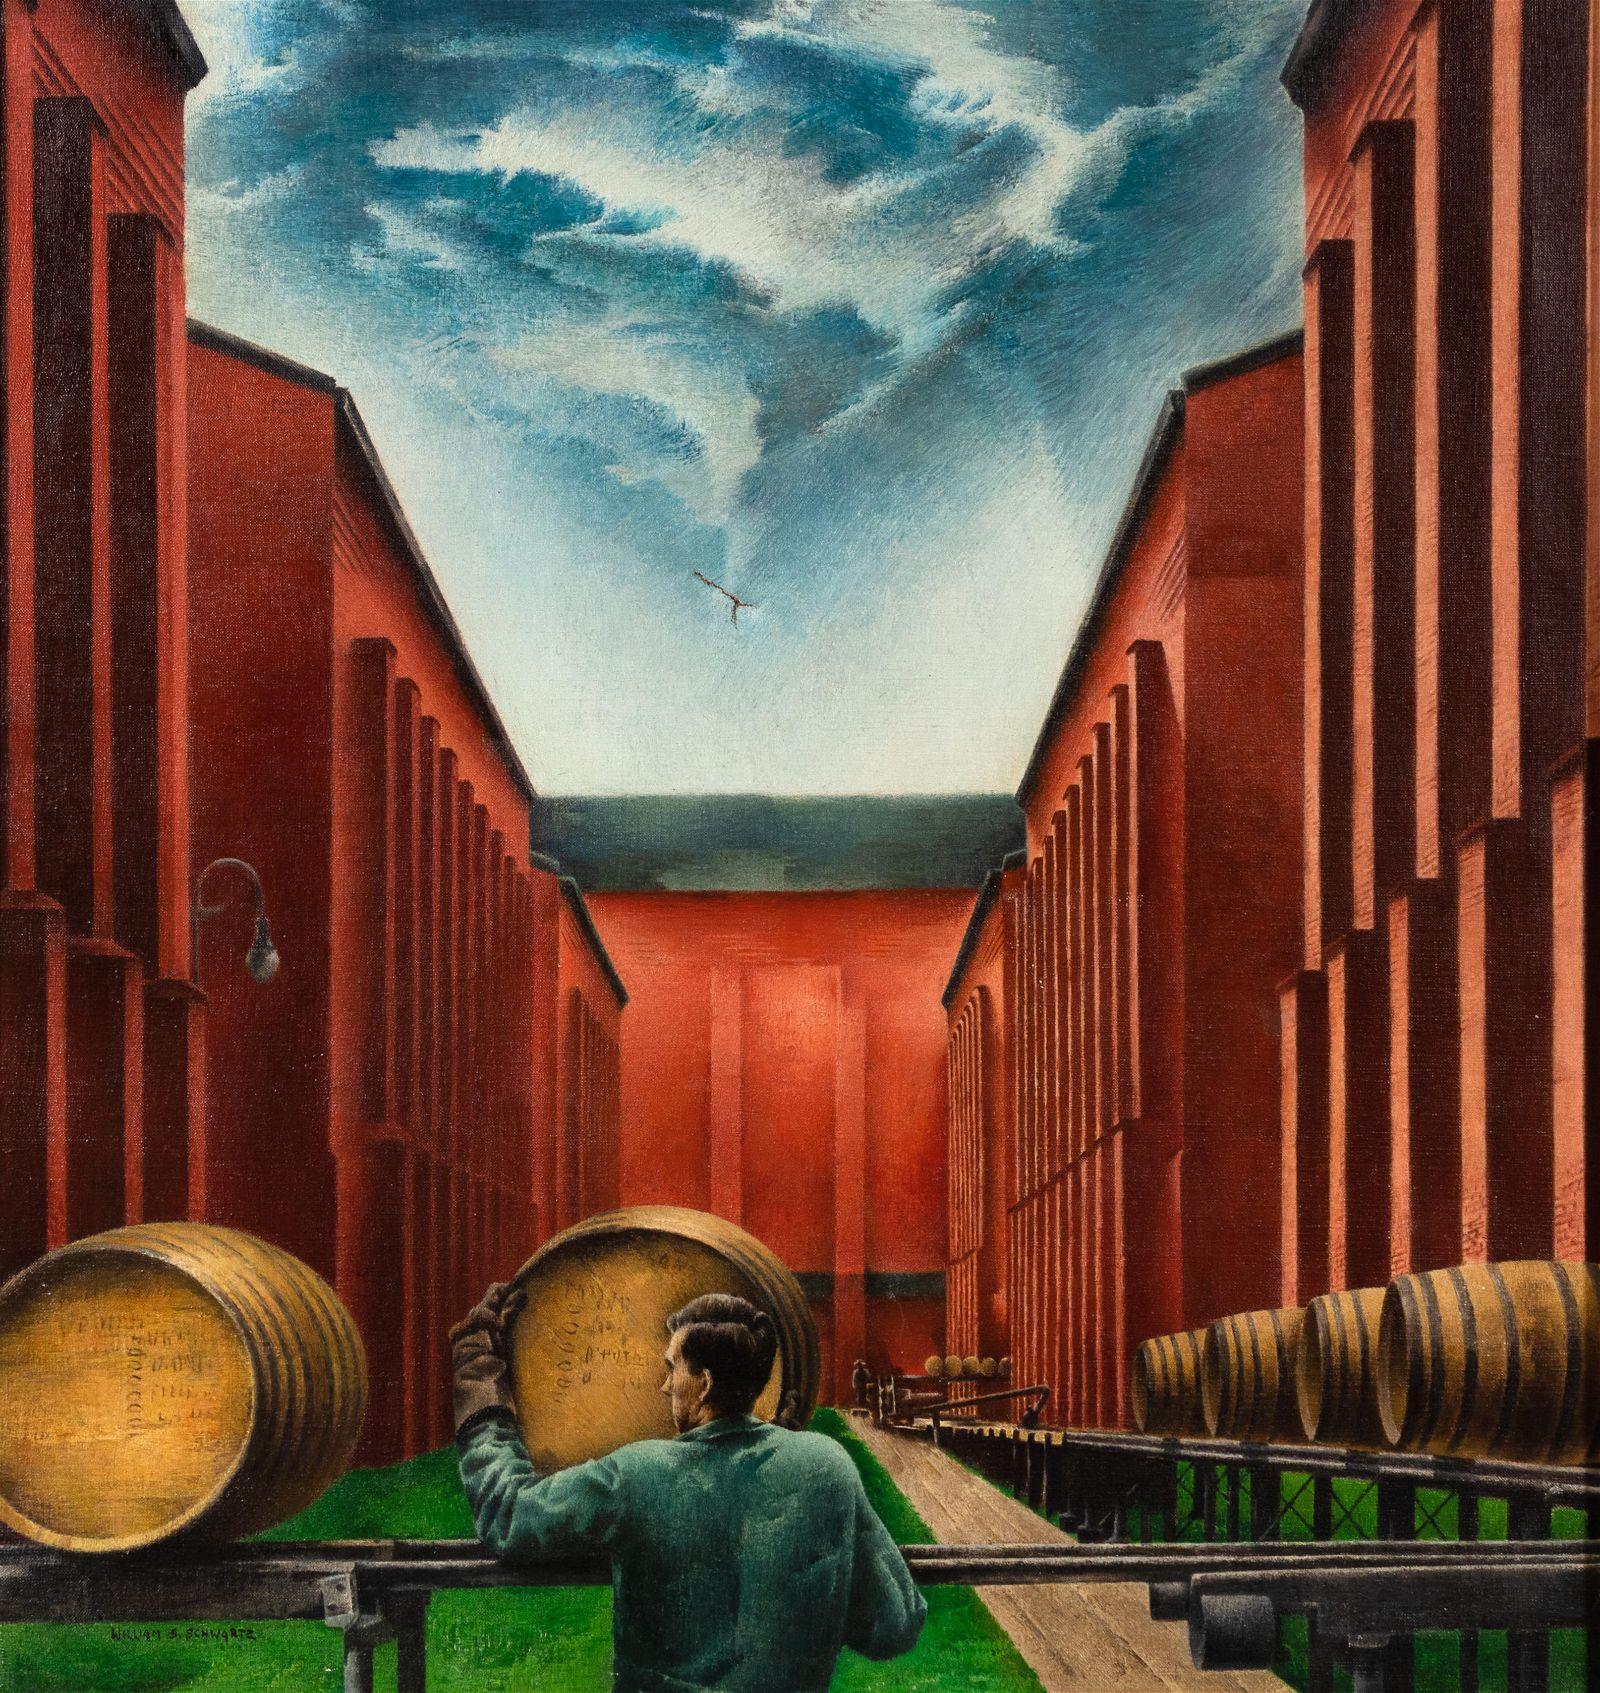 William Schwartz (American, 1896-1977) Whiskey Rolling